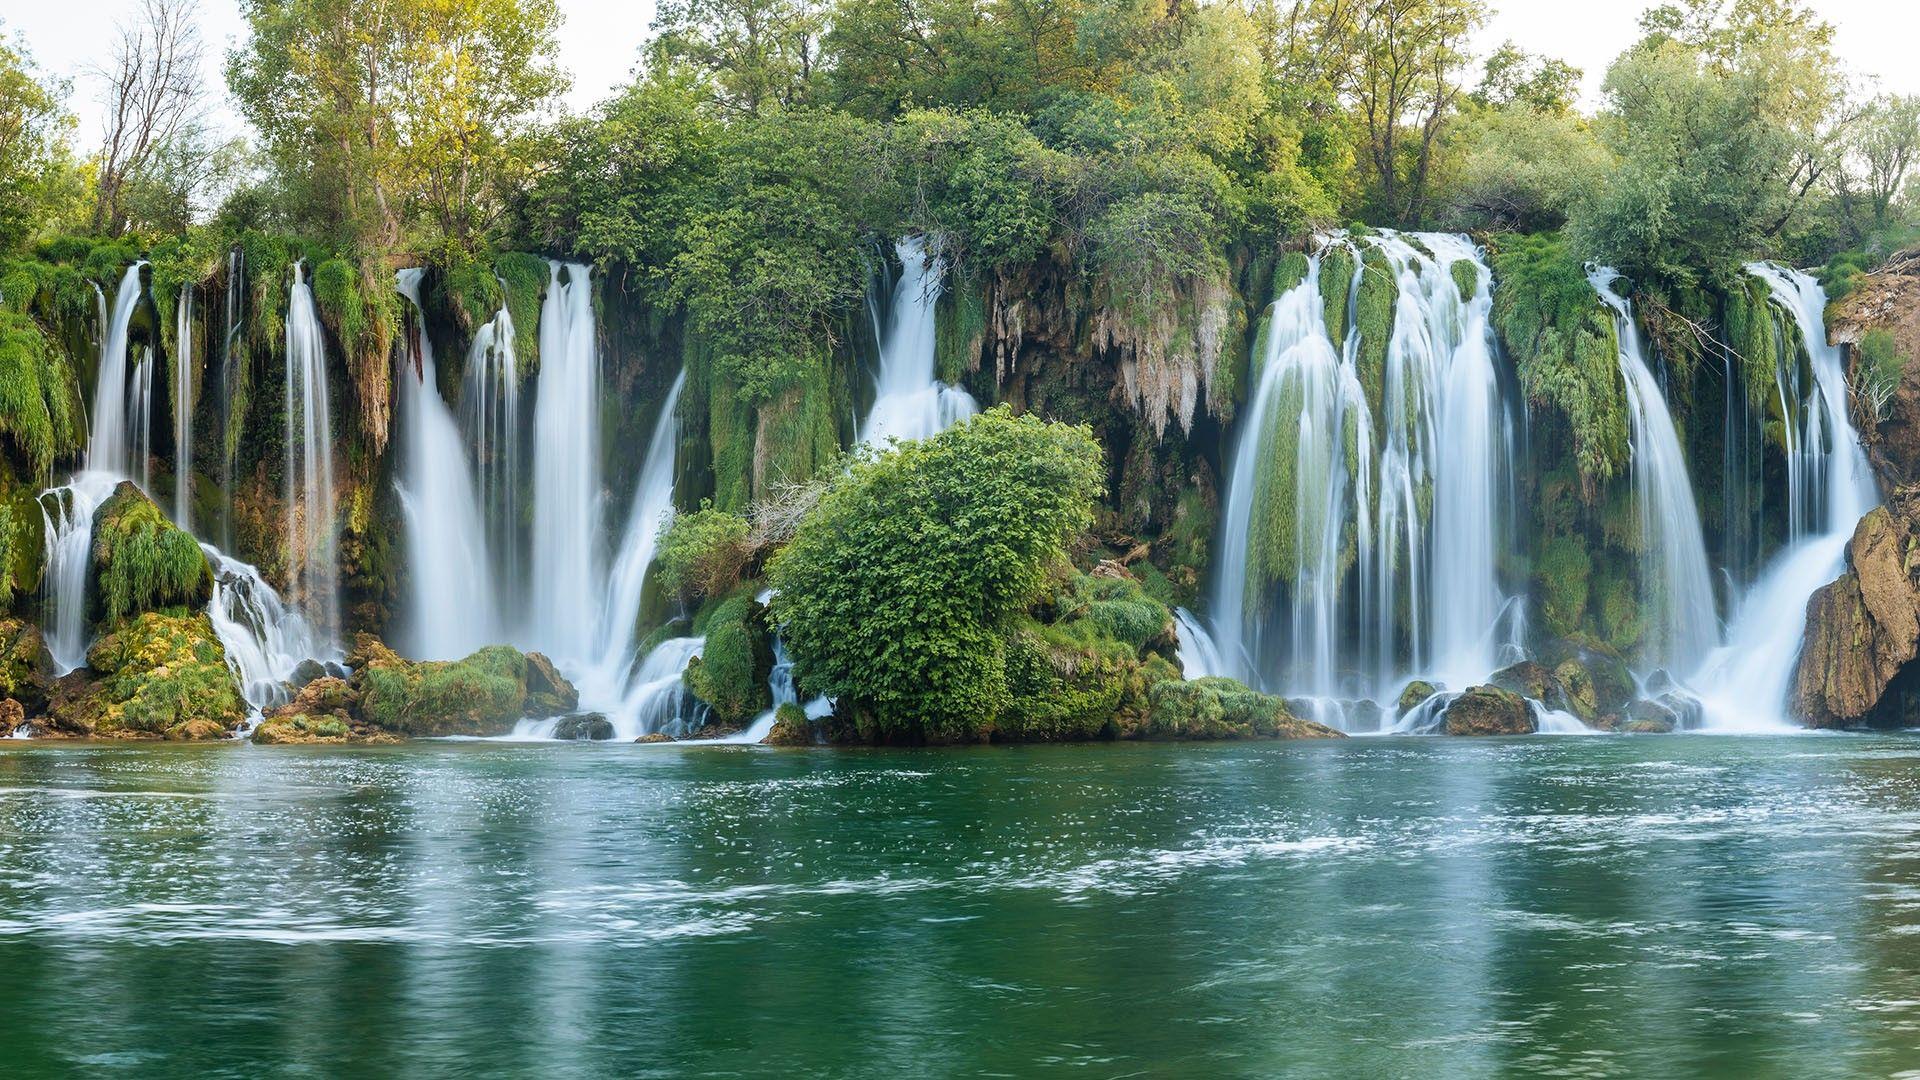 Ещё один оазис зелени и нереальной природы